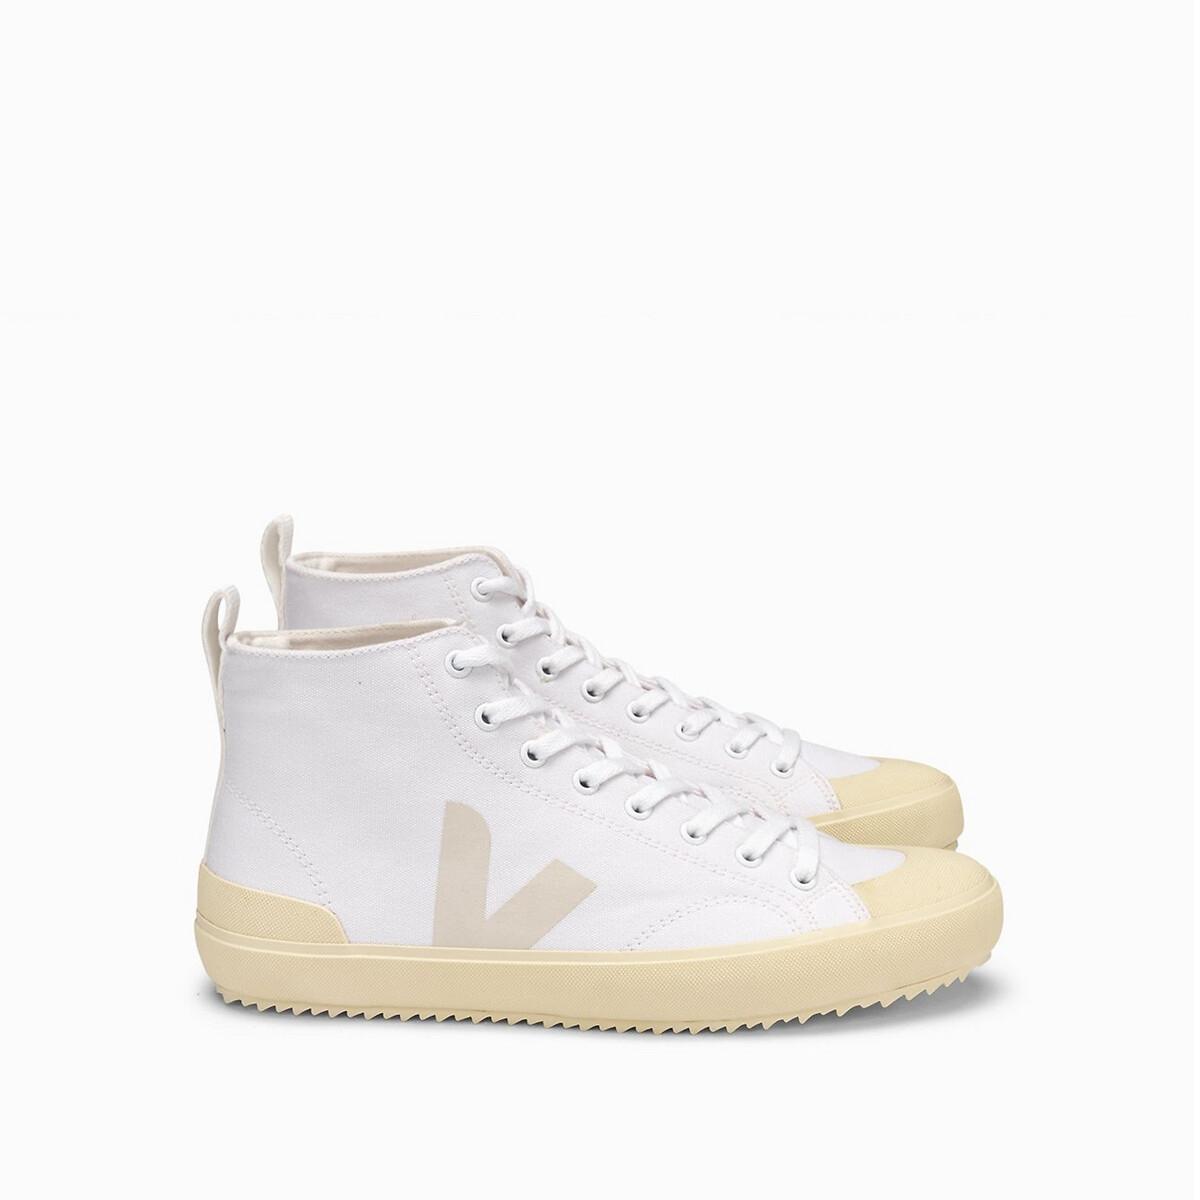 Кеды LaRedoute Высокие из хлопка NOVA 41 белый кеды laredoute высокие тканевые на шнуровке 39 белый